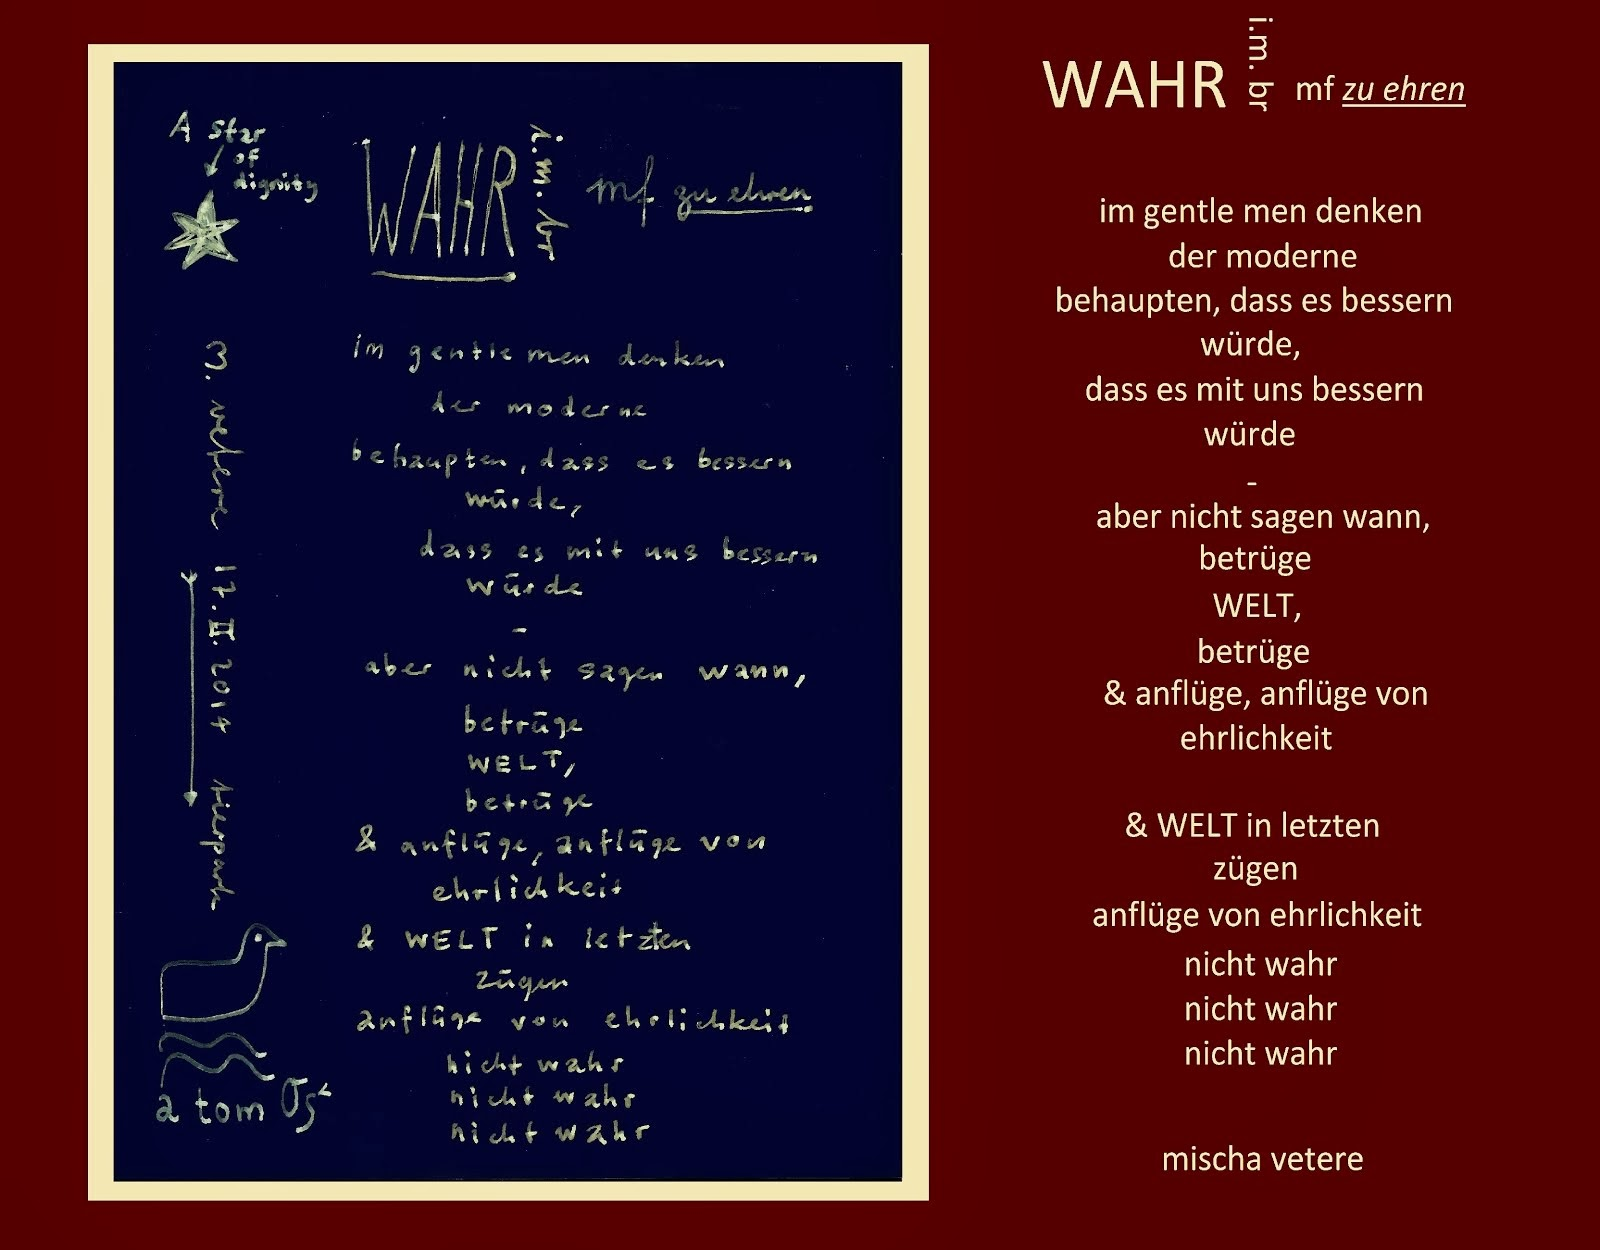 WAHR gedicht zu ehren von MAX FRISCH i.m. brecht gegen fälschung mf berlin journal peter von matt